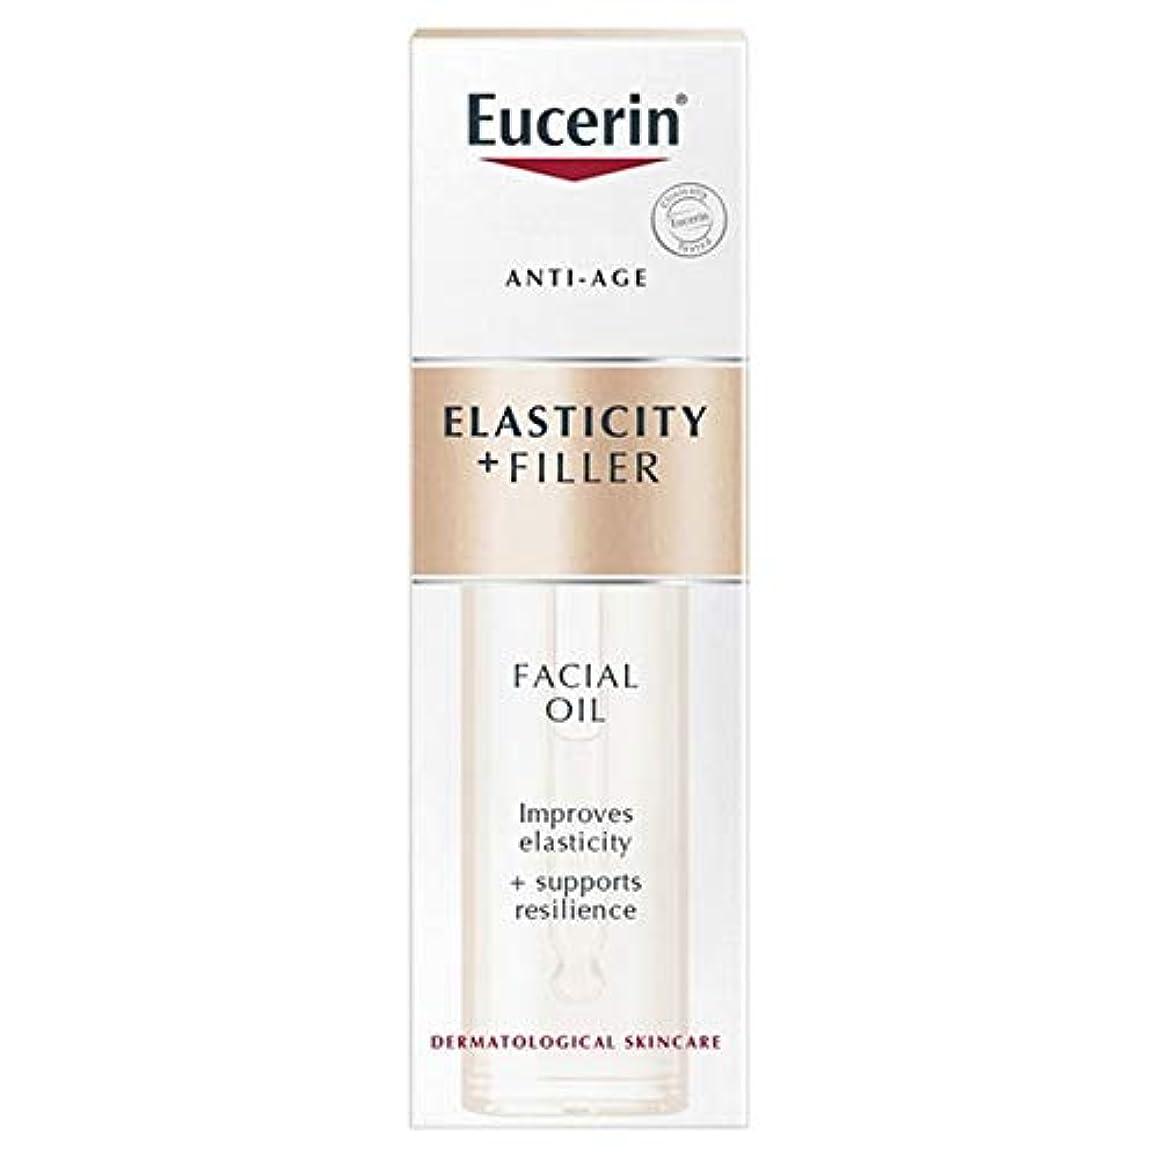 機械的サークル深さ[Eucerin ] ユーセリン抗年齢の弾力+フィラーフェイシャルオイル30ミリリットル - Eucerin Anti-Age Elasticity + Filler Facial Oil 30ml [並行輸入品]